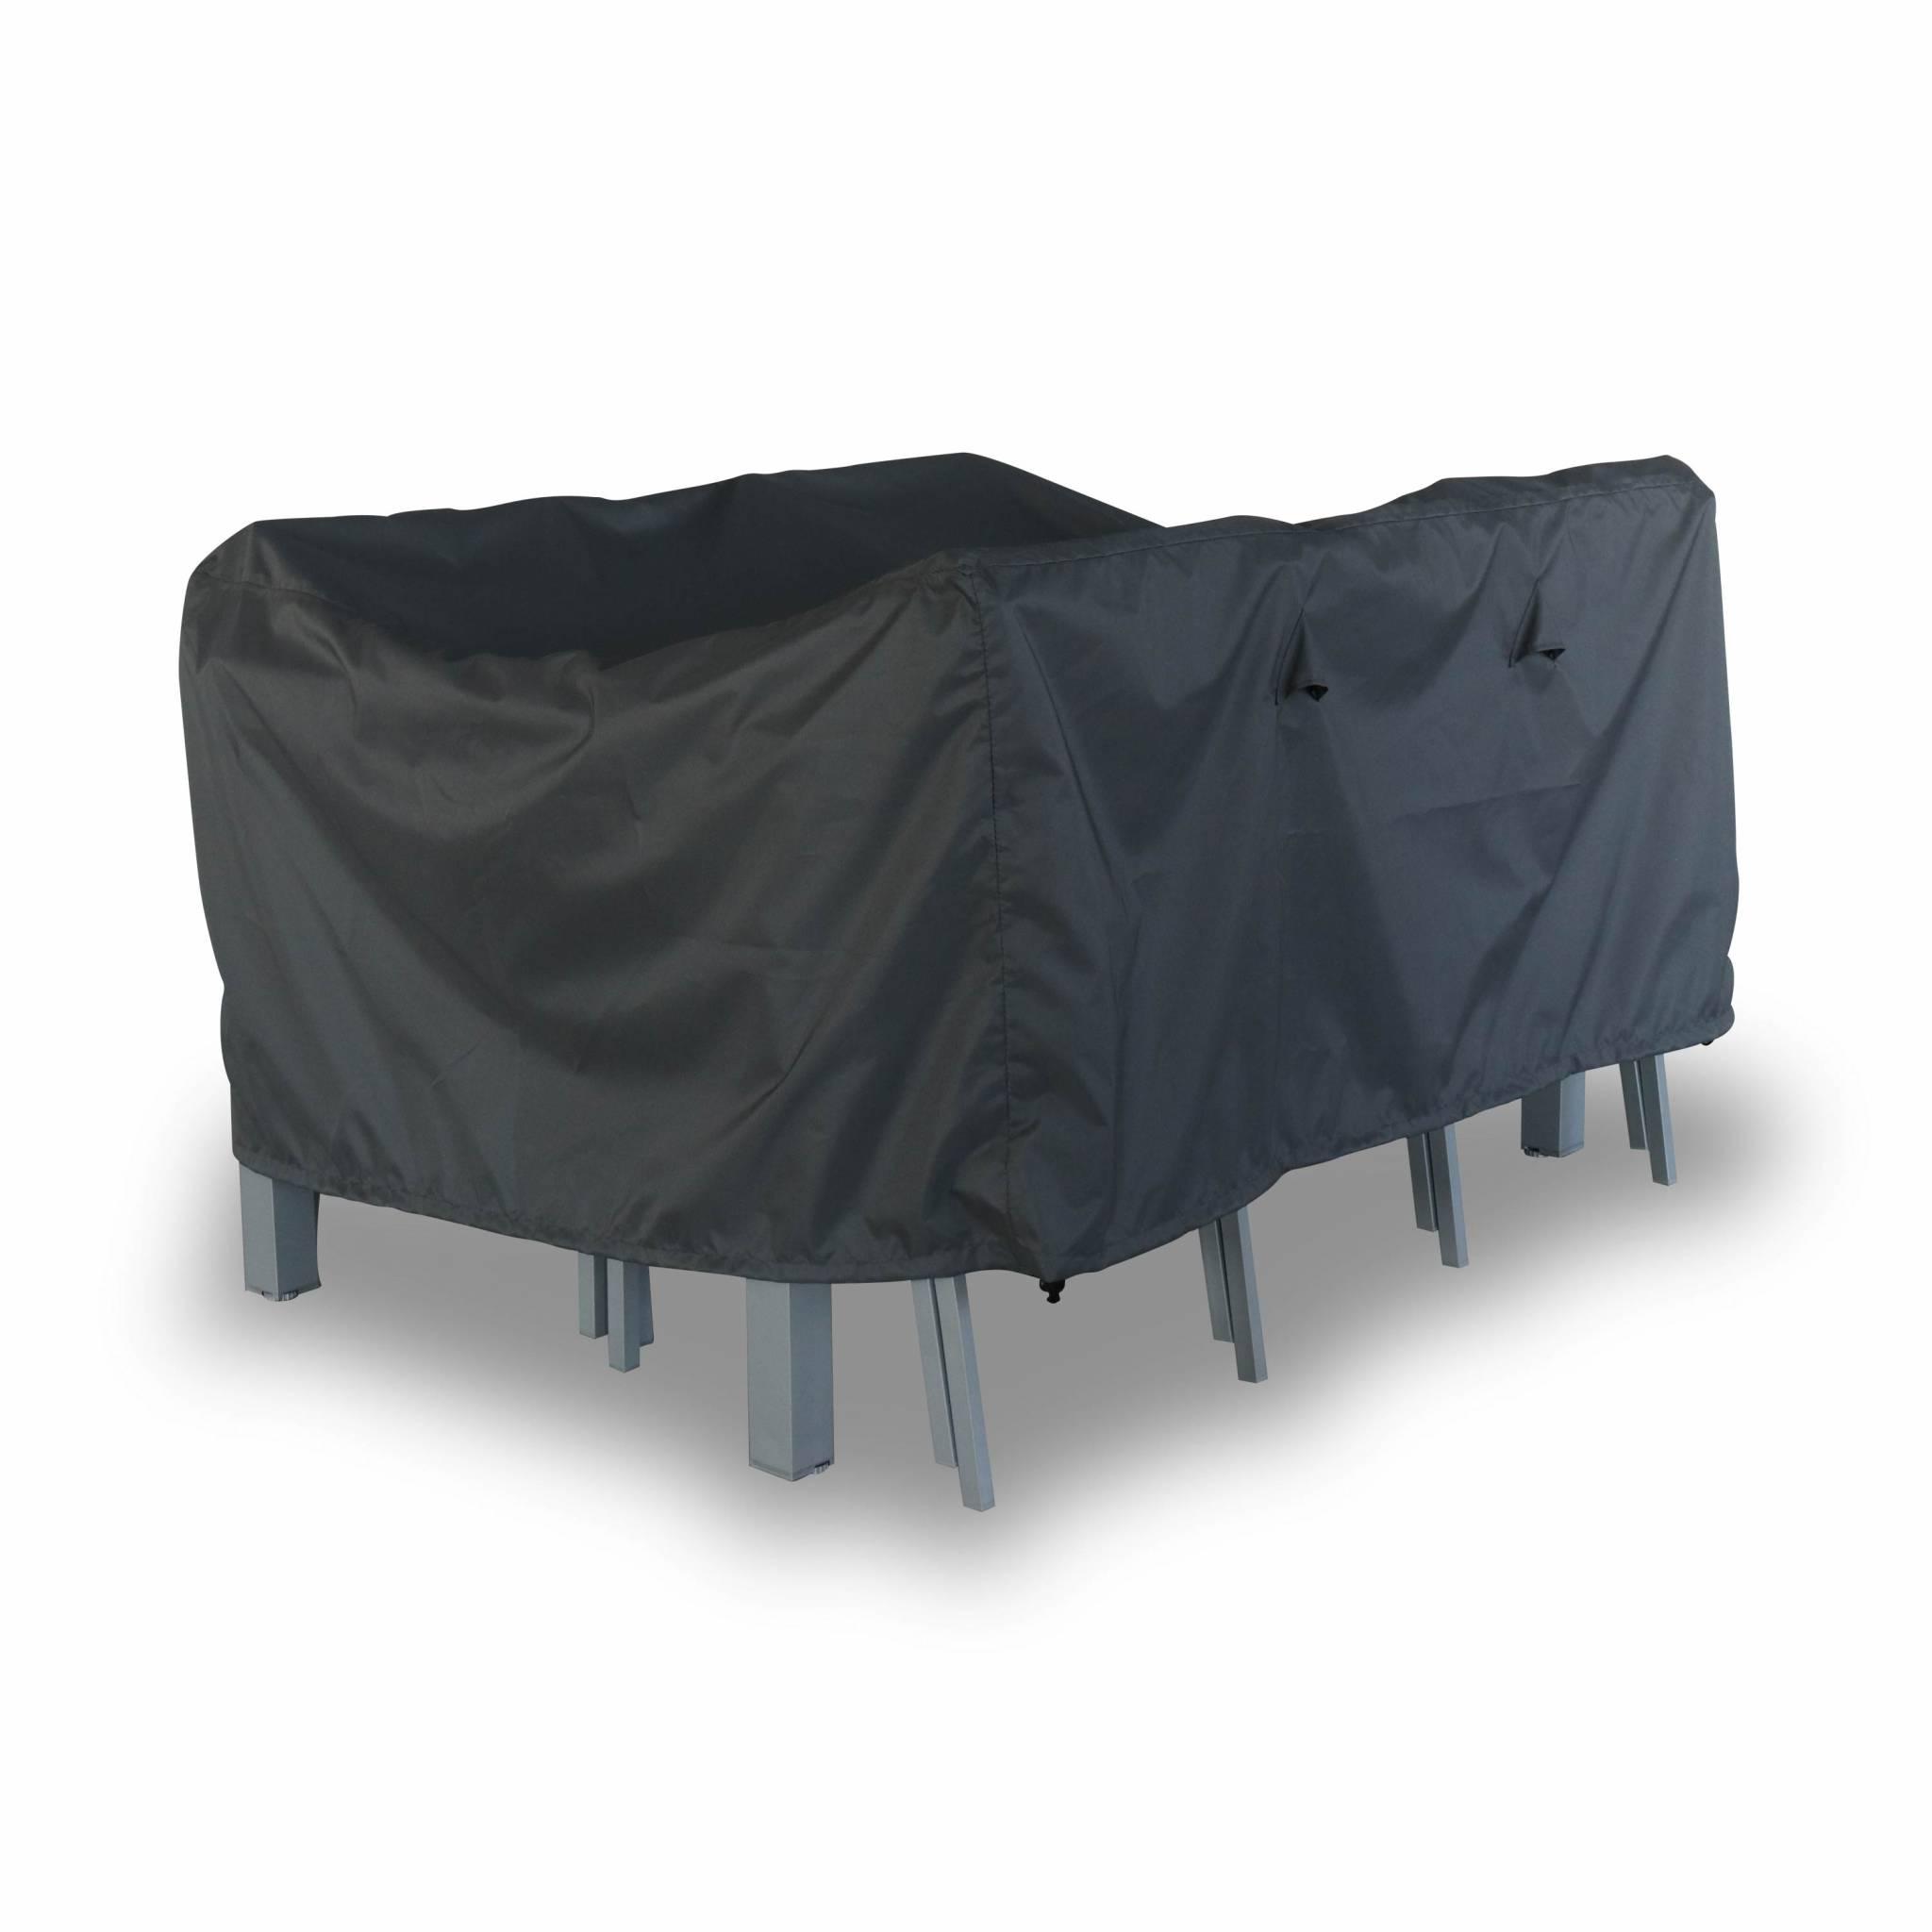 Housse de protection 150x125cm gris foncé polyester pour tables